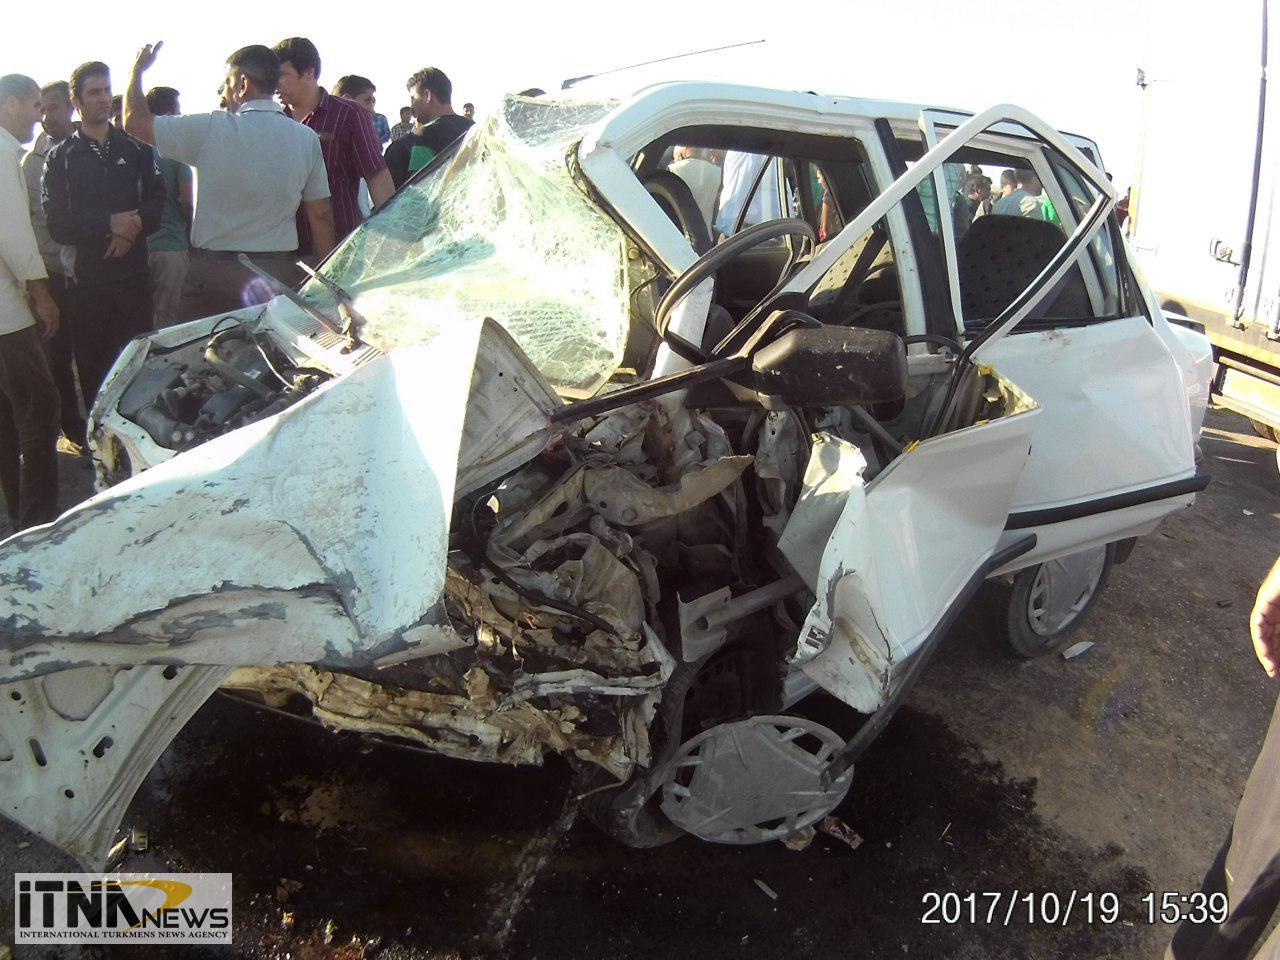 Tasadof itnanews 2 - ۴ کشته در تصادف مرگبار جاده آجیقوشان-گنبدکاووس